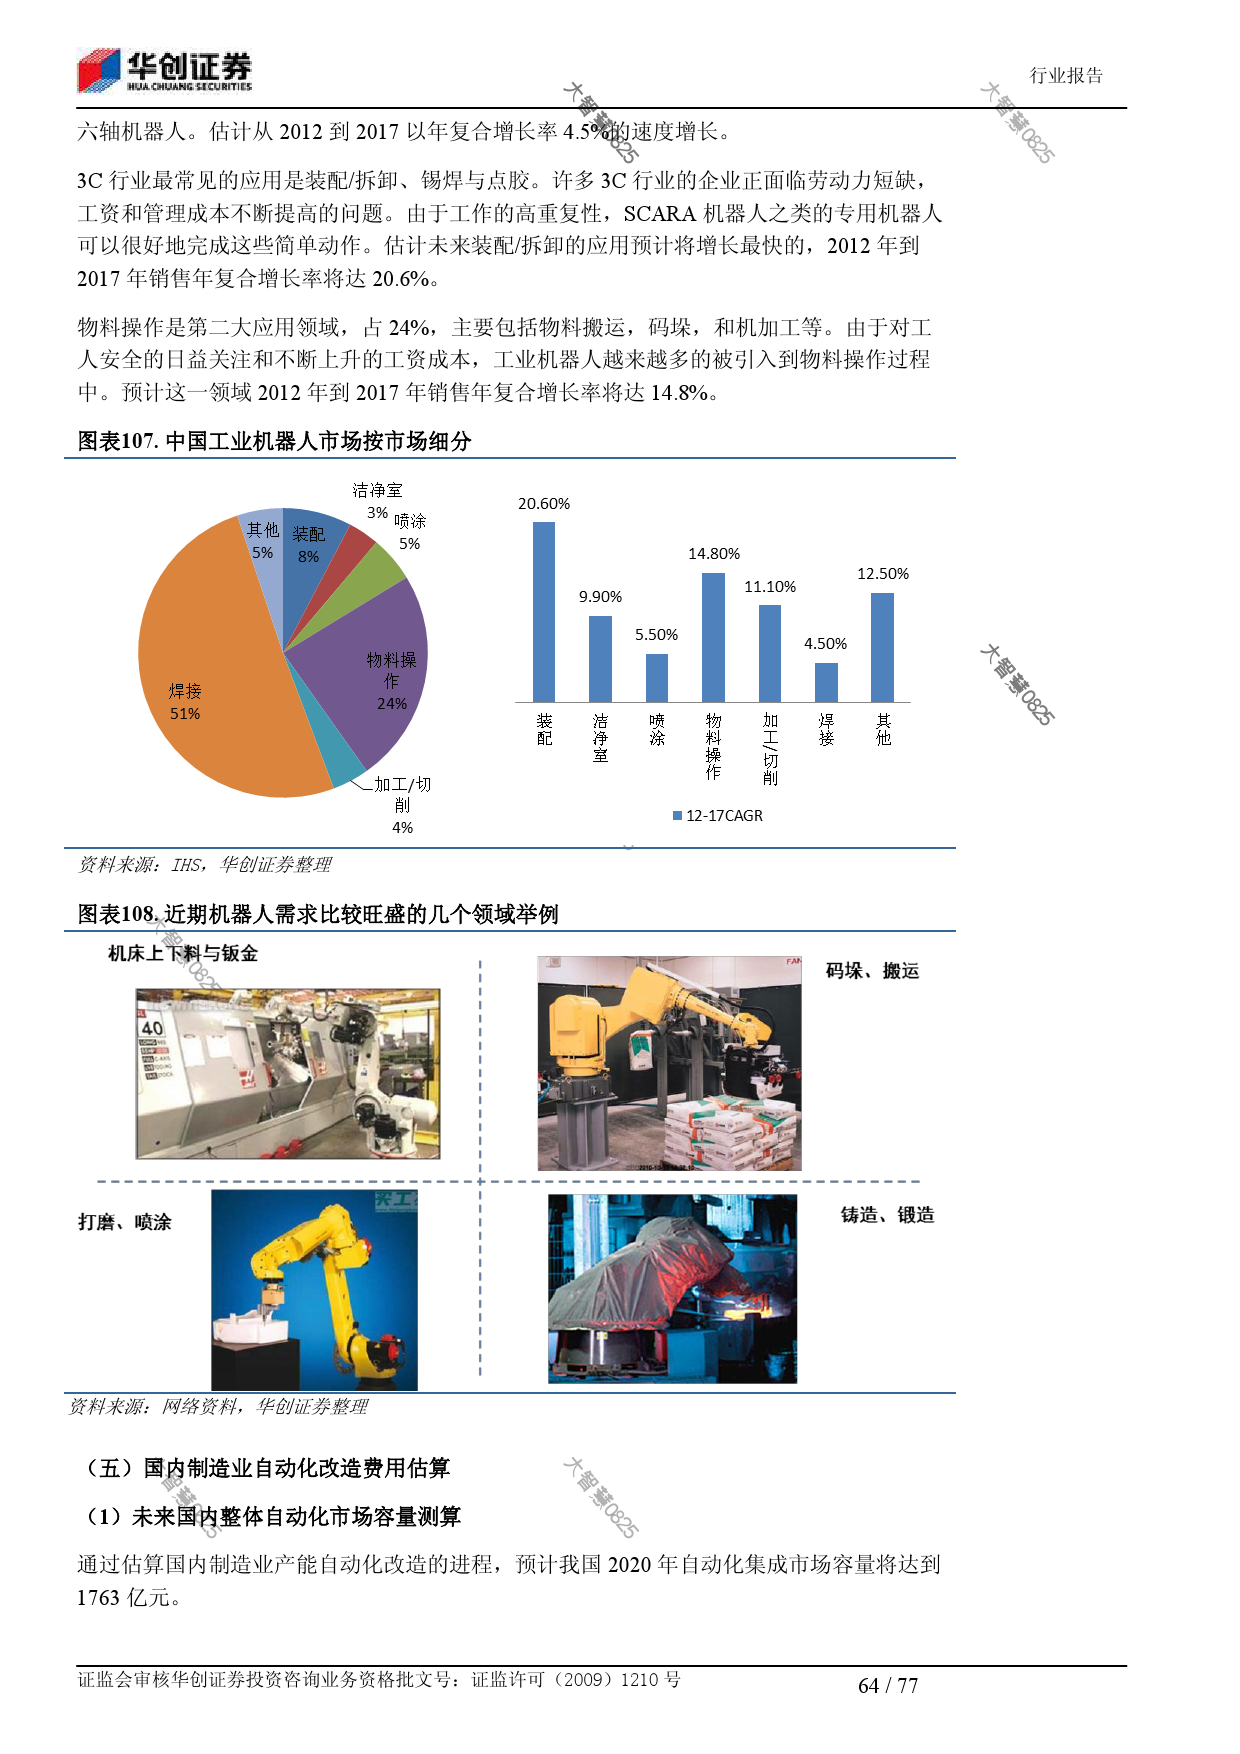 行业研究_华创证券_刘国清,鲁佩_机械设备:机器人大趋势_2014021_000064